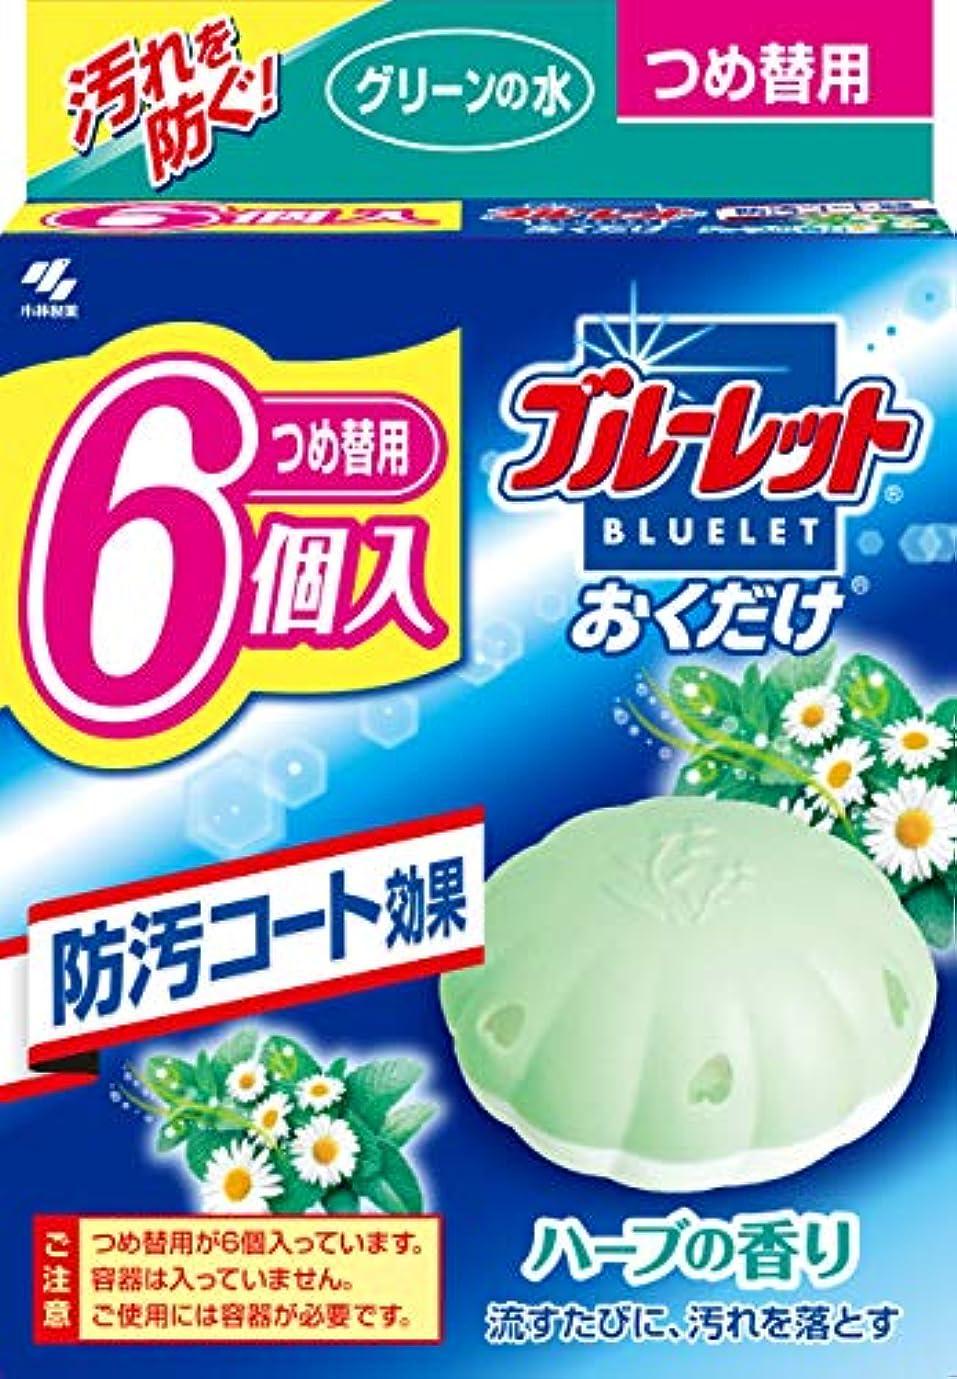 浸透する破滅的なゲーム【まとめ買い】ブルーレットおくだけ トイレタンク芳香洗浄剤 詰め替え用 ハーブの香り 25g×6個